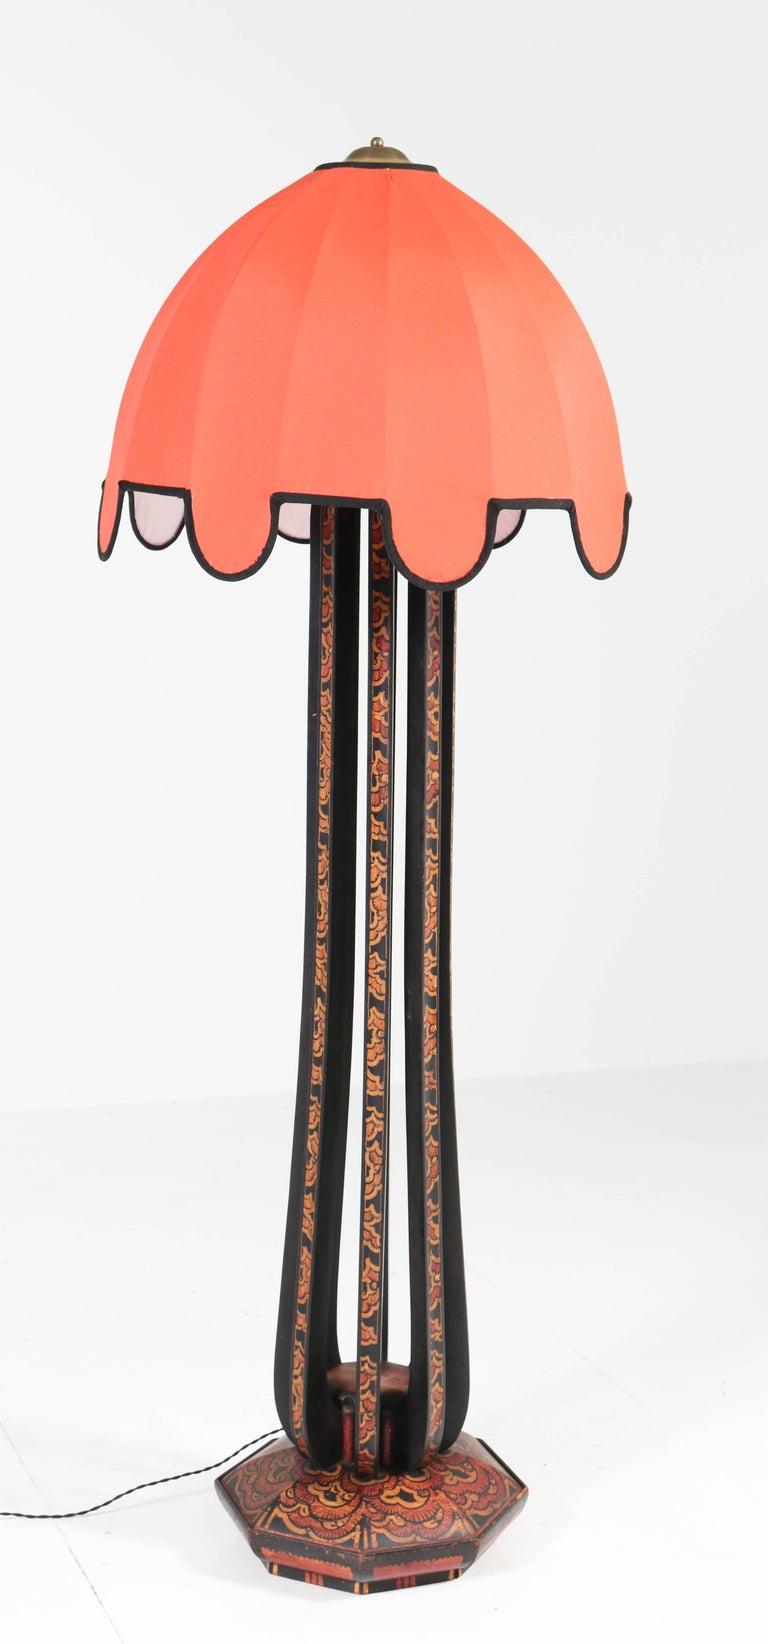 Art Deco Amsterdam School Batik Decoration Wooden Floor Lamp by Louis Bogtman For Sale 1